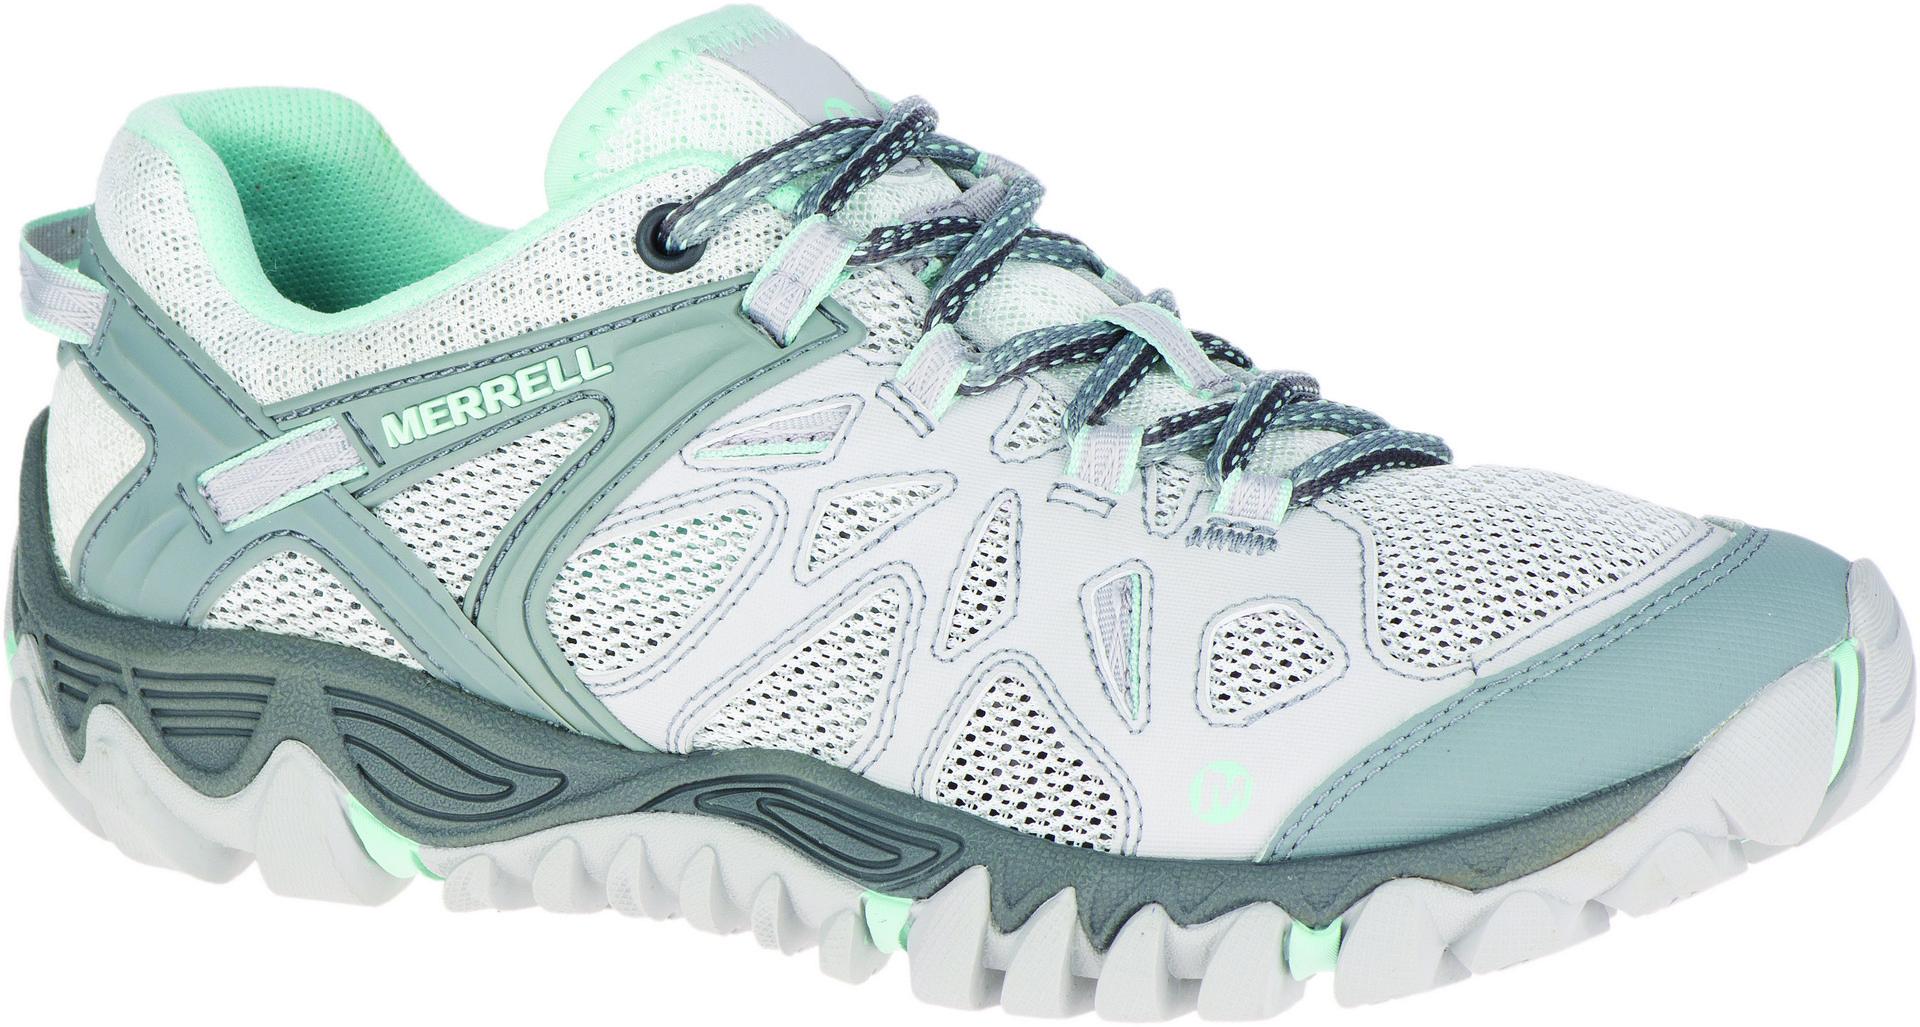 Merrell ALL OUT BLAZE AERO SPORT, ženske cipele za planinarenje, bijela